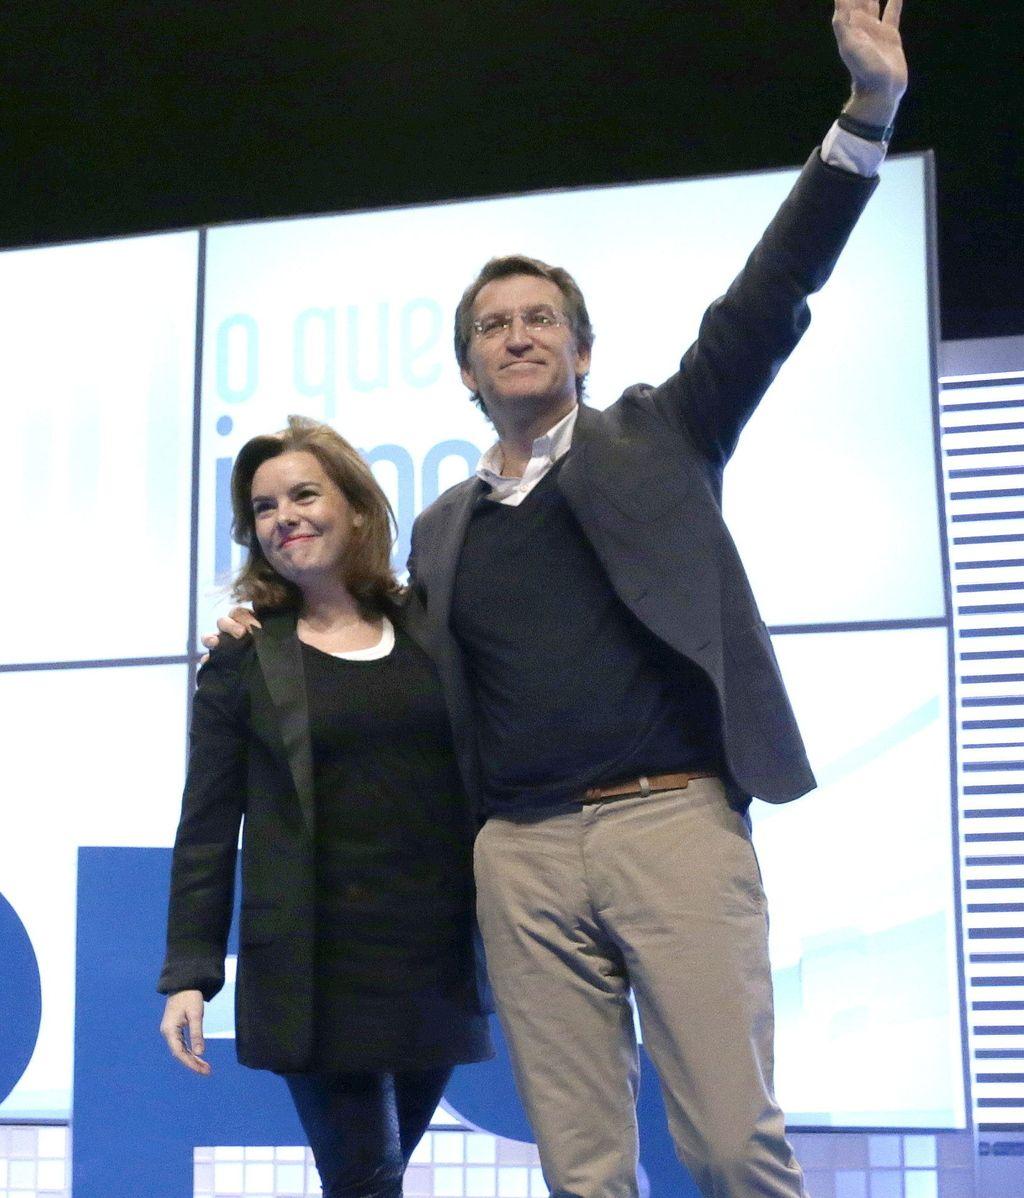 Soraya Sáenz de Santamaría y Alberto Núñez Feijoo